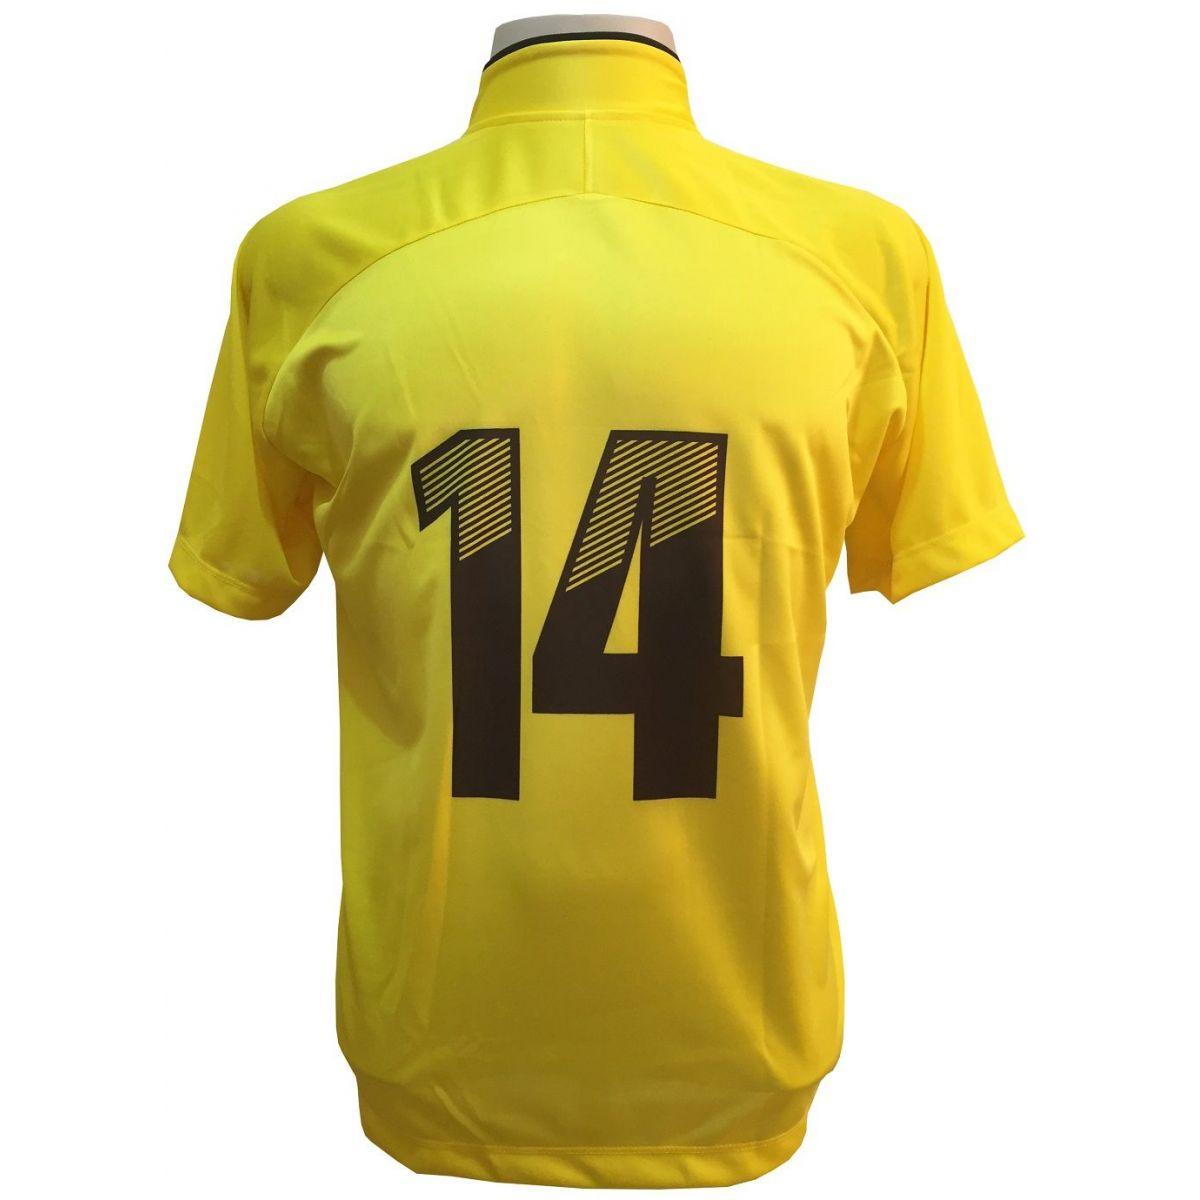 Uniforme Esportivo com 12 camisas modelo City Amarelo/Preto + 12 calções modelo Copa + 1 Goleiro + Brindes